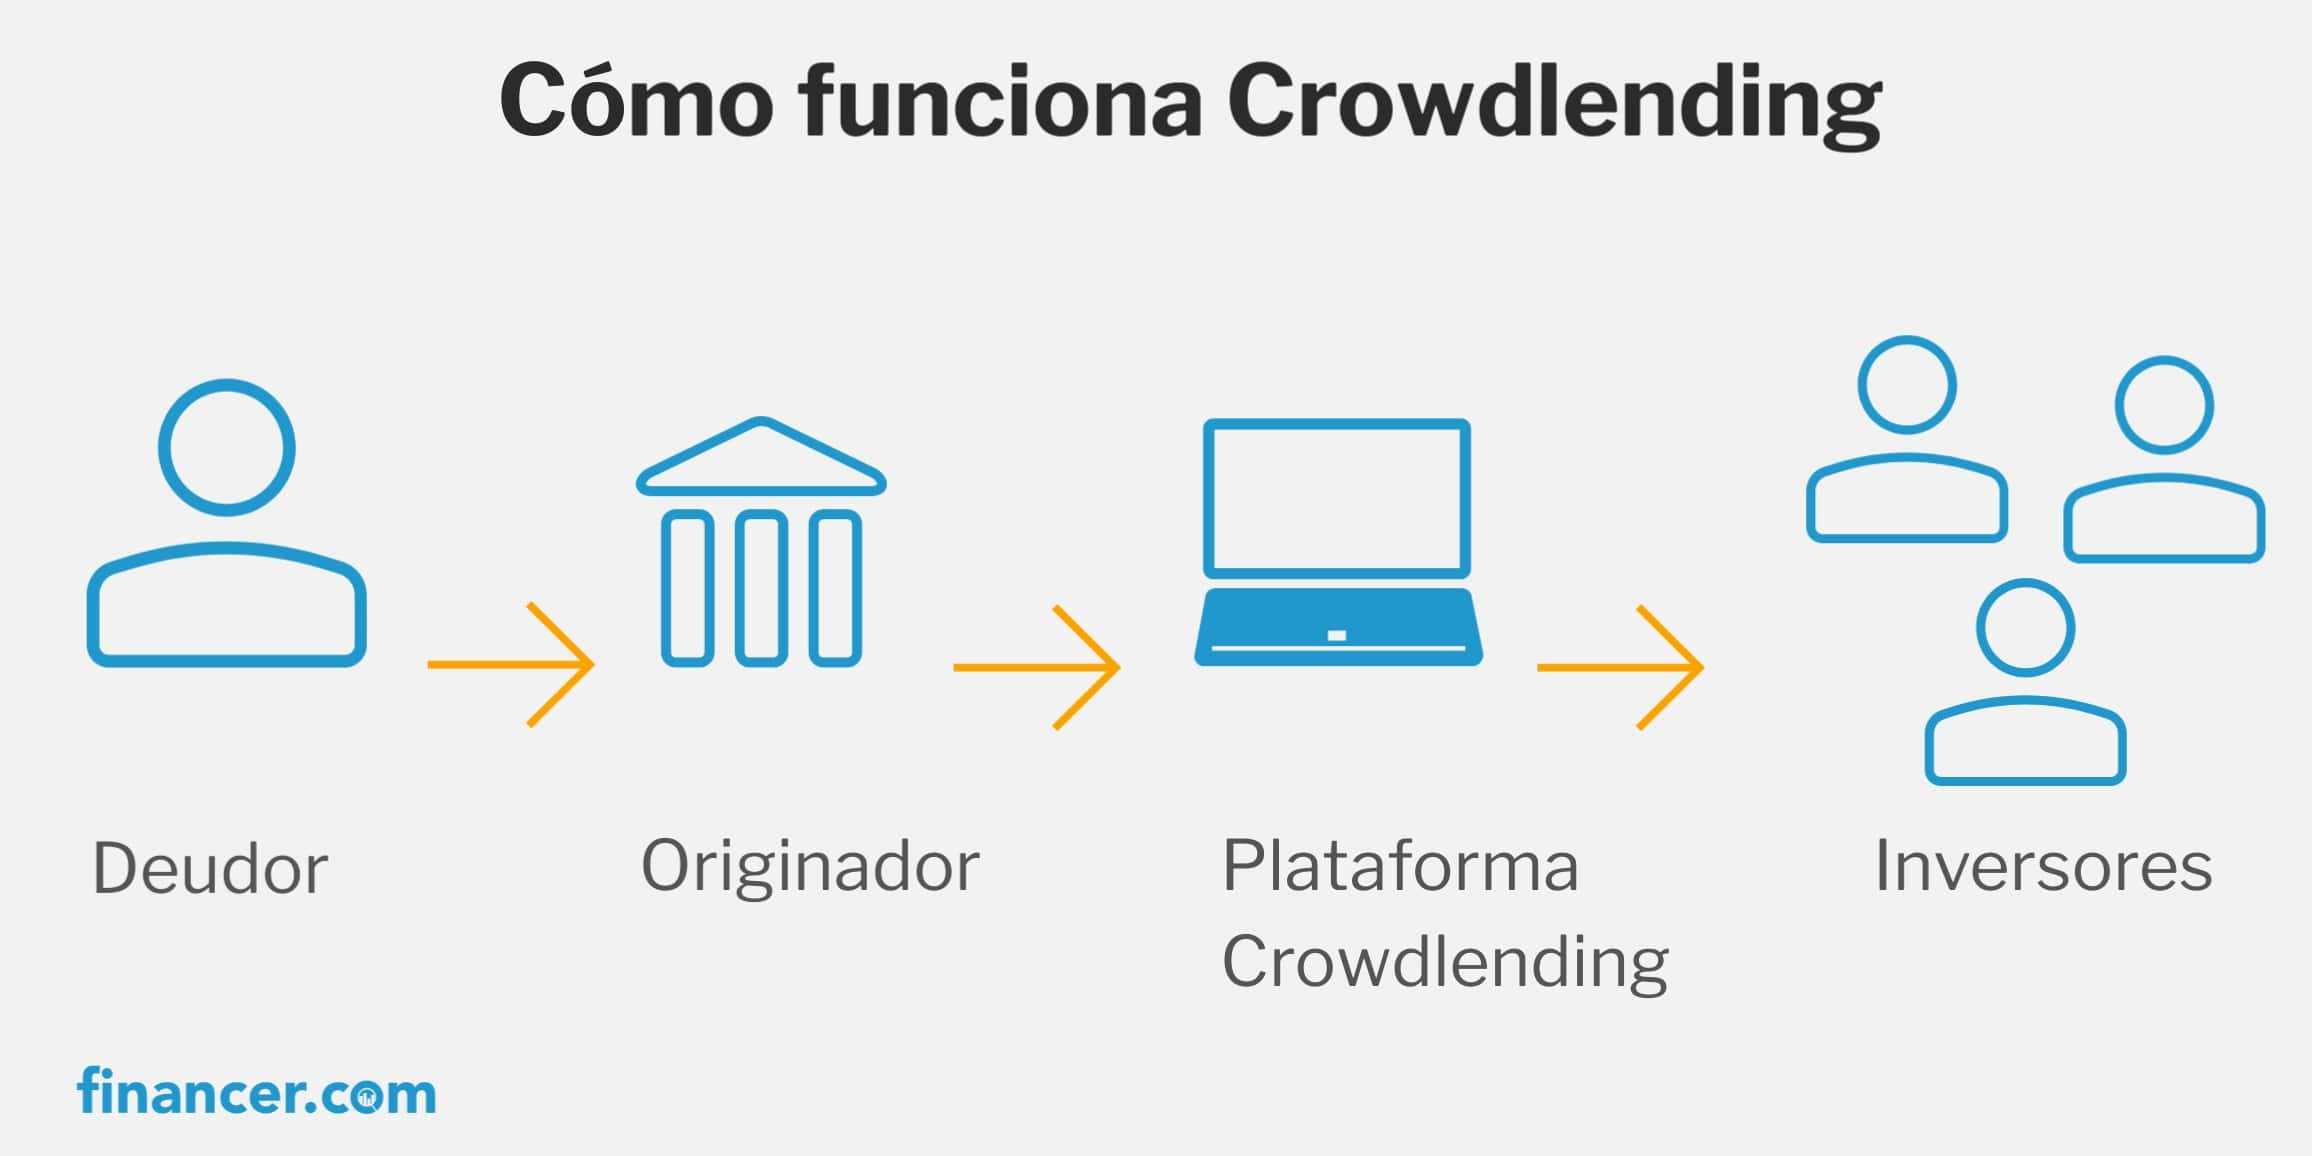 como funciona Crowdlending